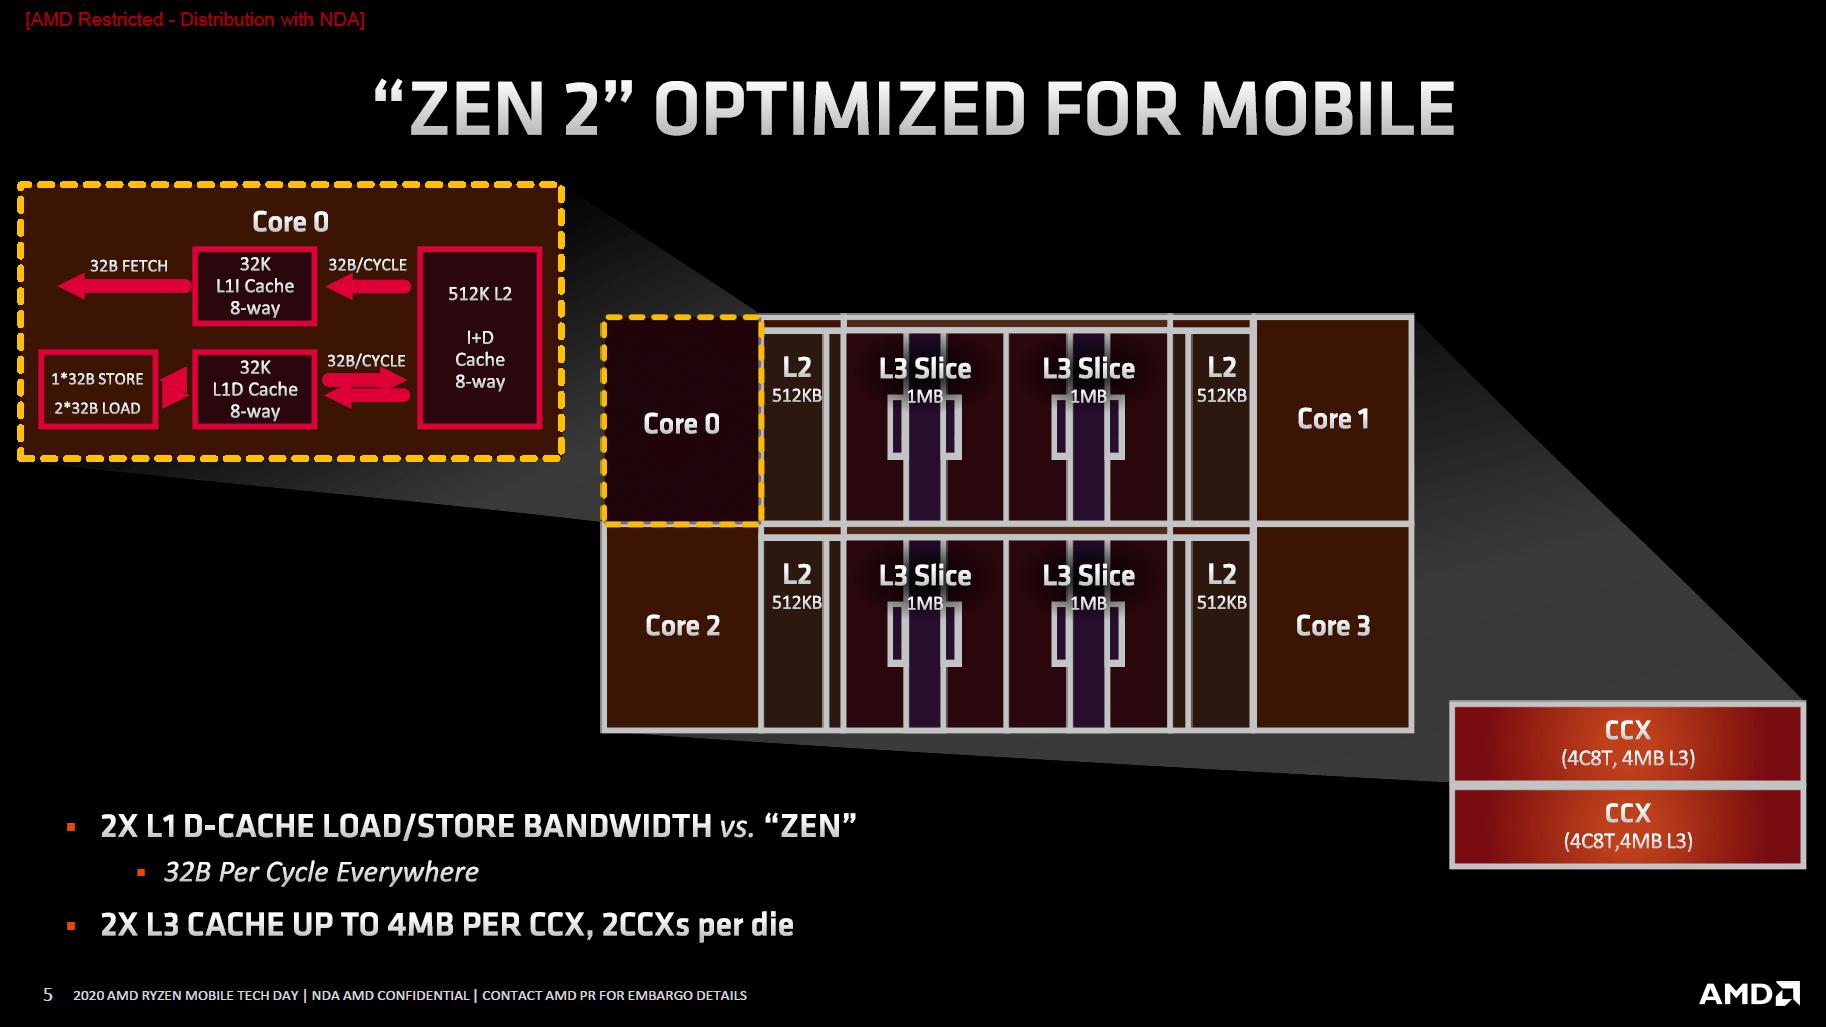 Architektur optimiert für Mobile